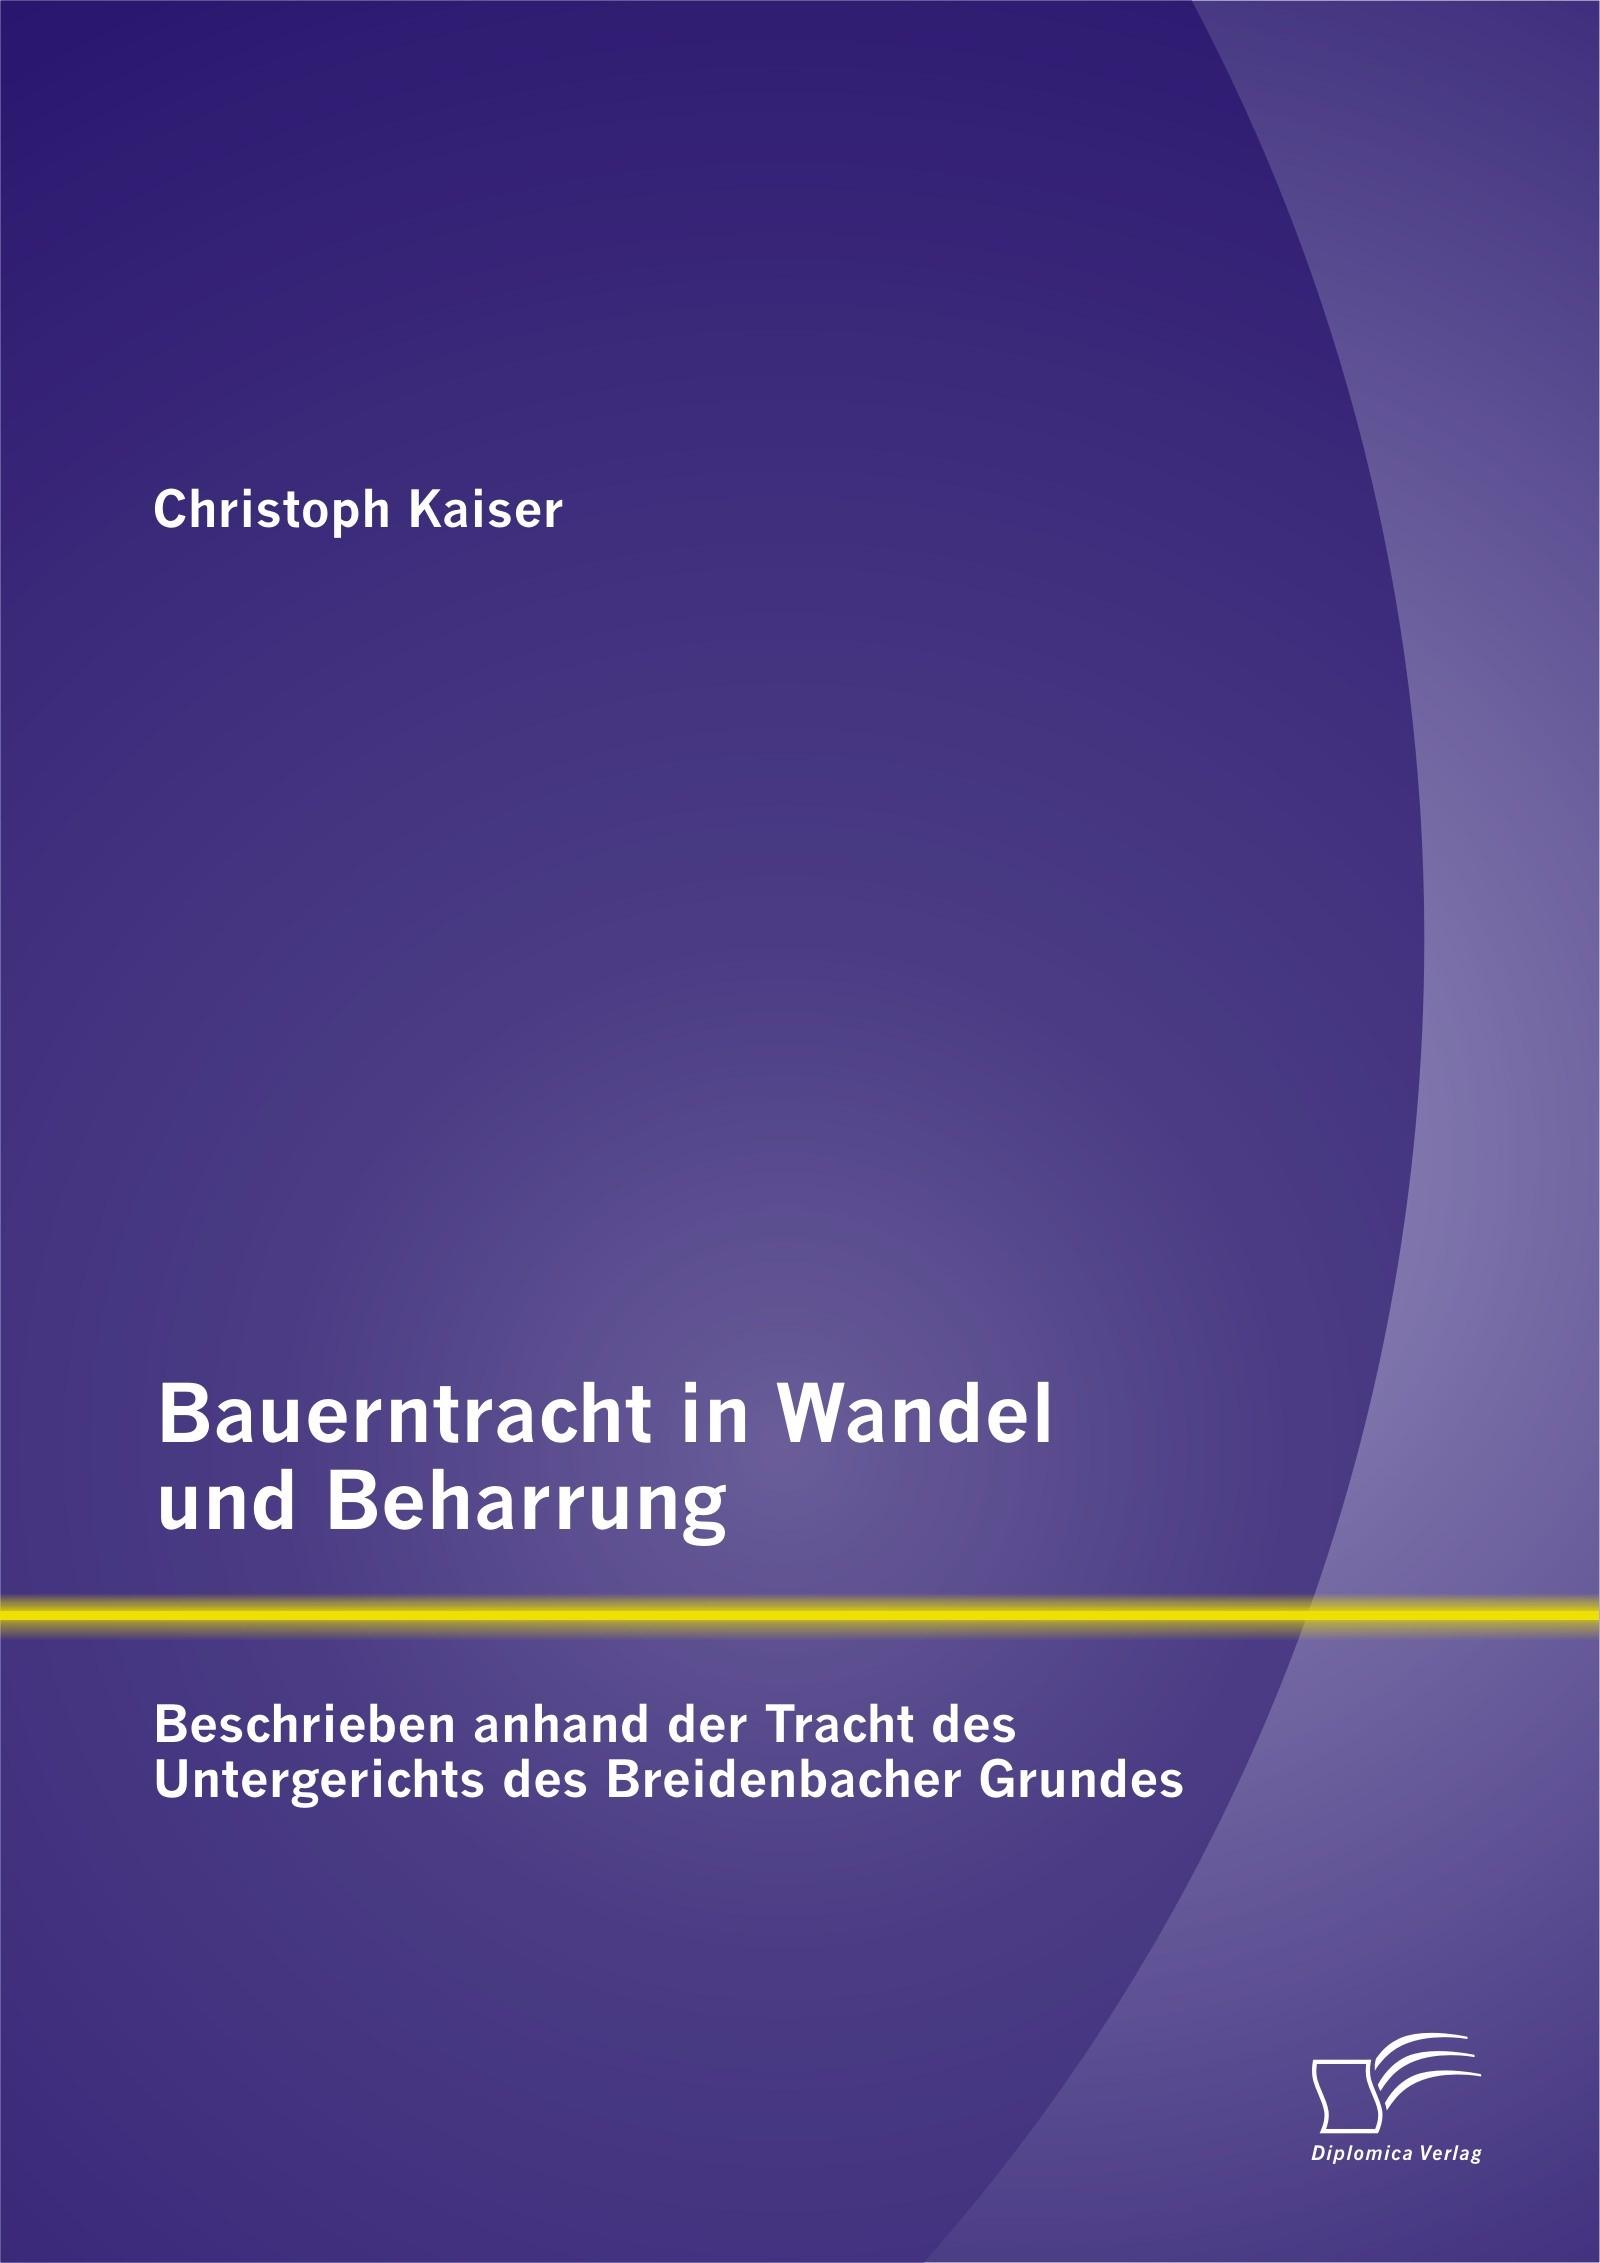 Bauerntracht in Wandel und Beharrung: Beschrieben anhand der Tracht des Untergerichts des Breidenbacher Grundes | Kaiser | Erstauflage, 2015 | Buch (Cover)